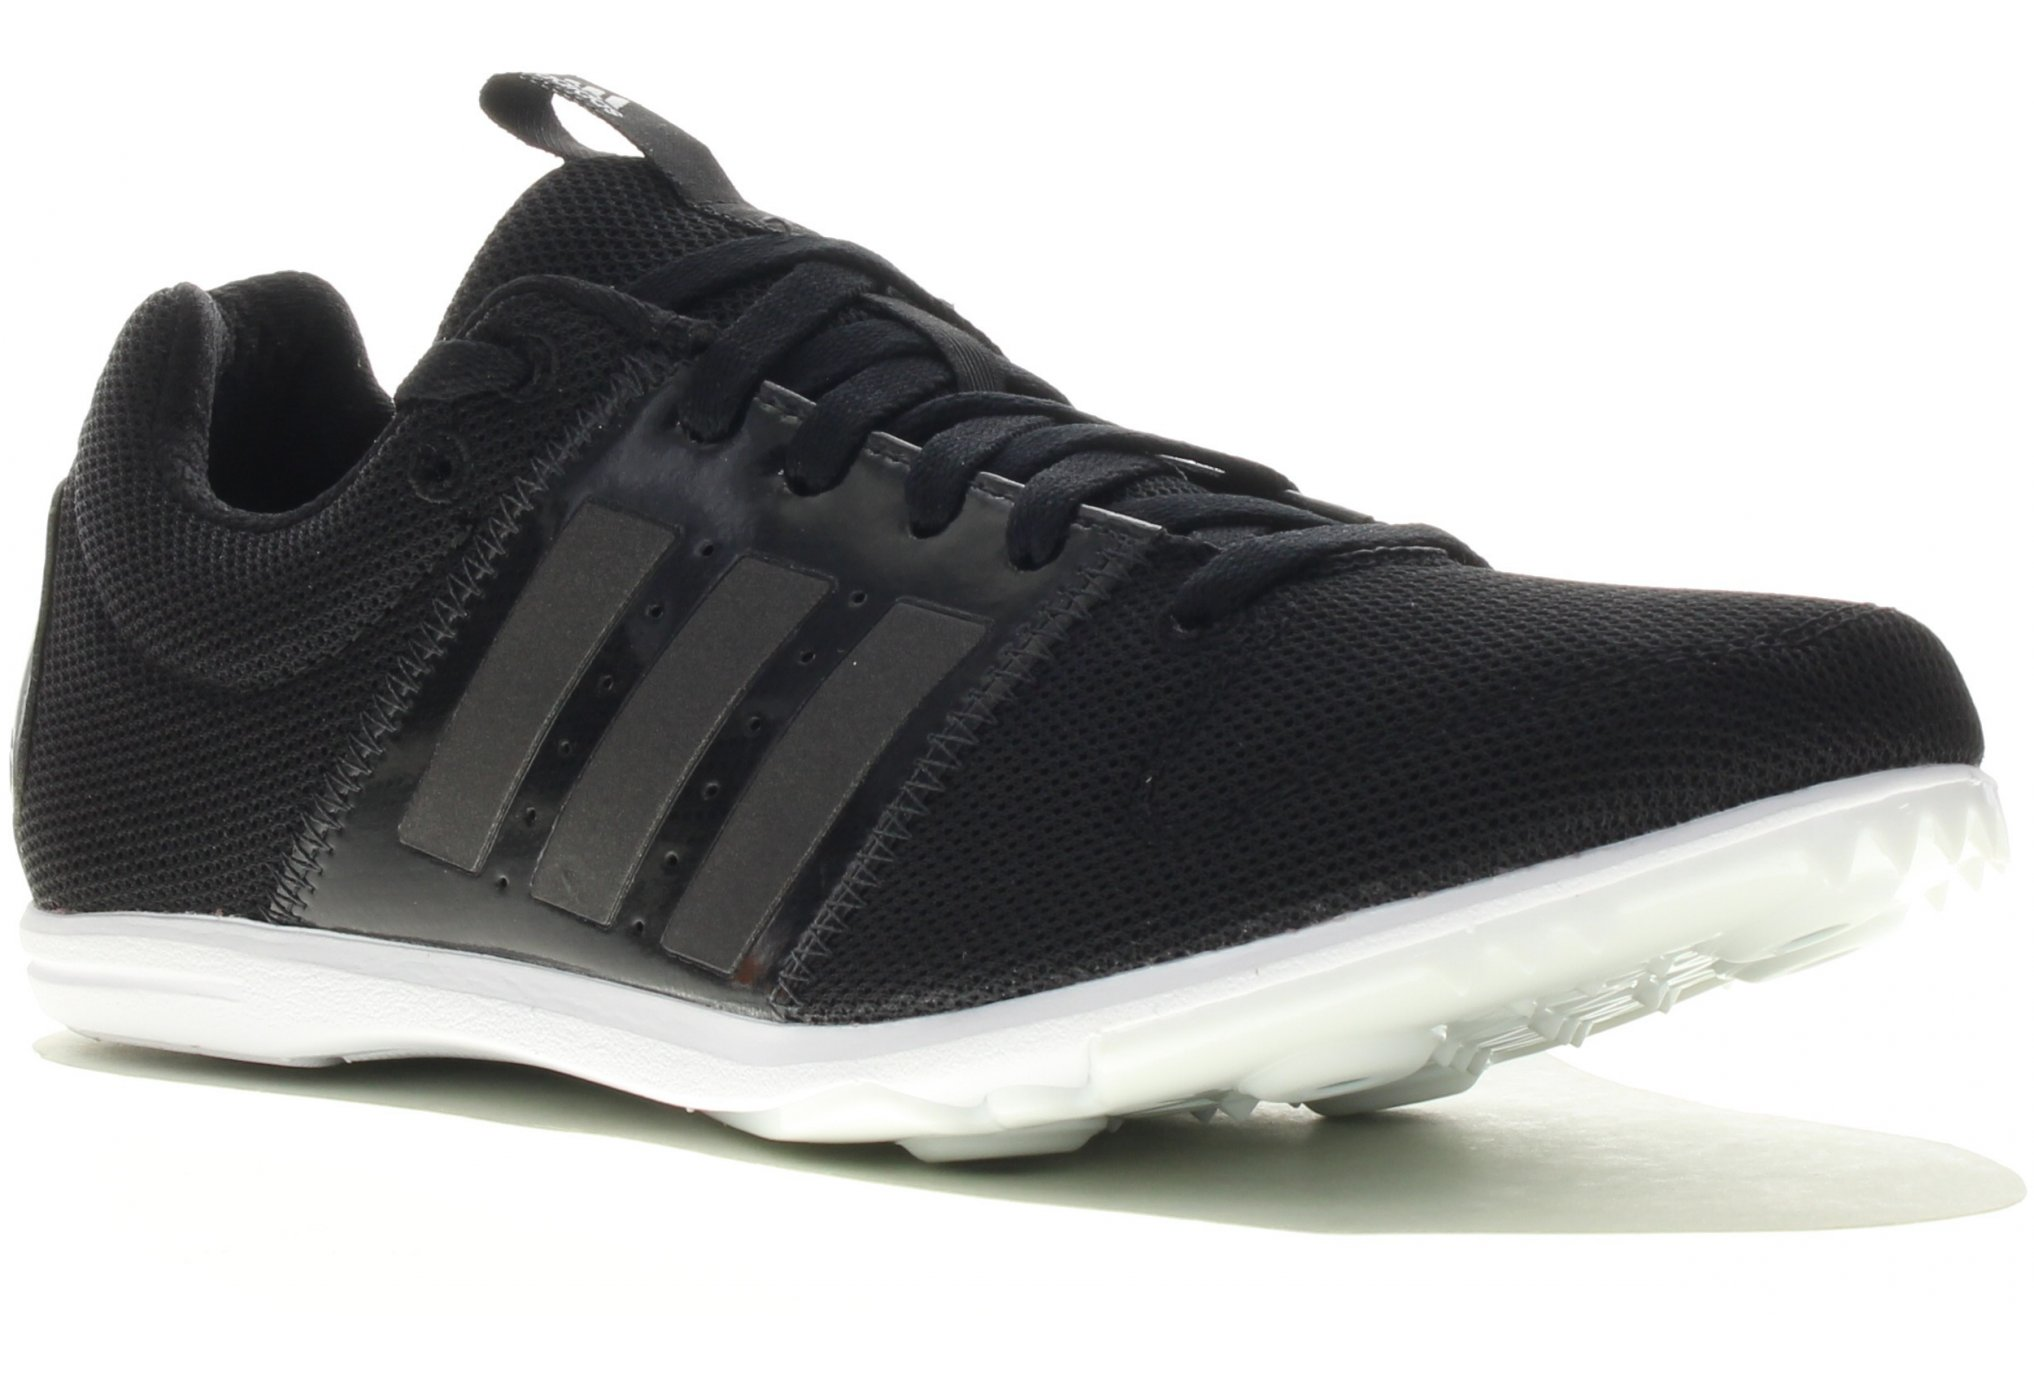 adidas Allroundstar Junior Chaussures homme